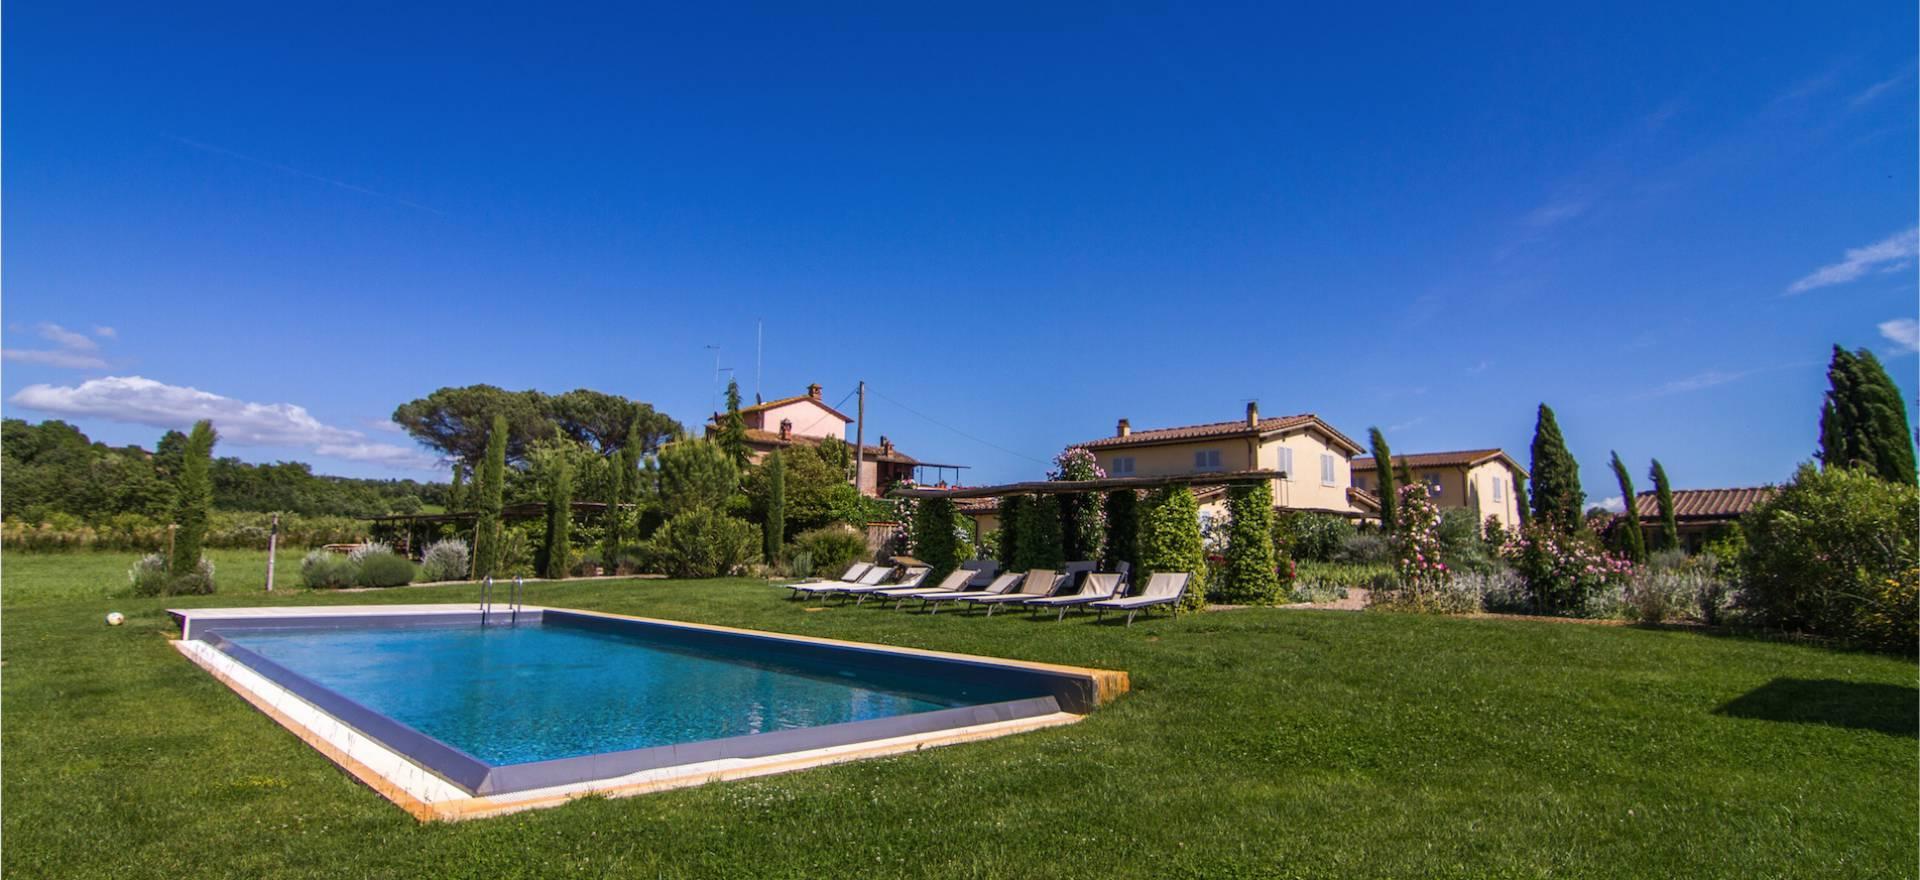 Agriturismo siena appartamenti di lusso e piscina for Piscina di lusso